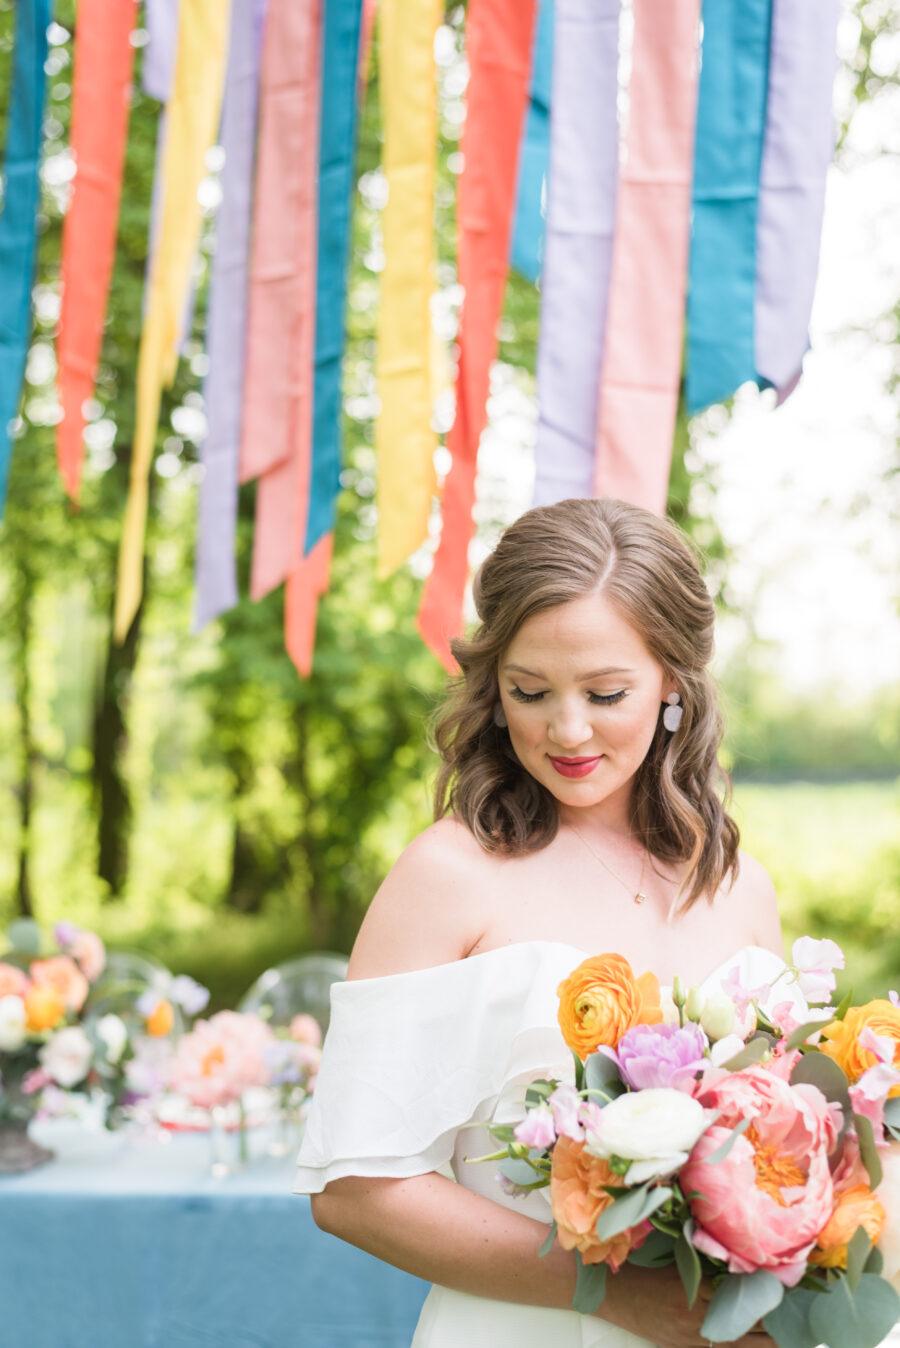 Colorful backyard wedding bridal portrait